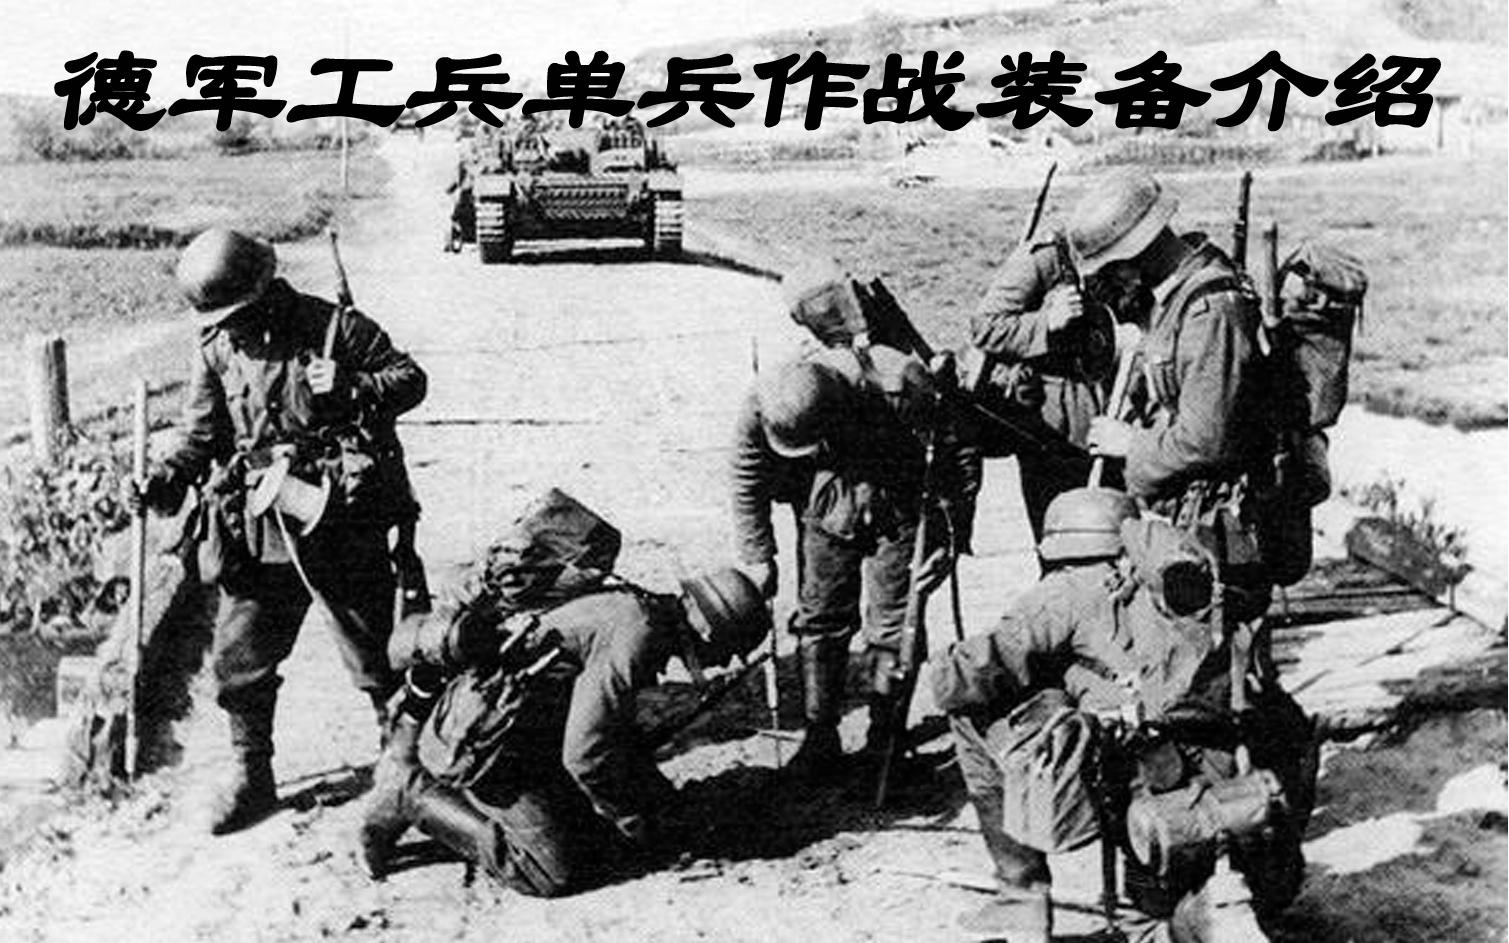 【人肉先锋】二战德国工兵装备介绍